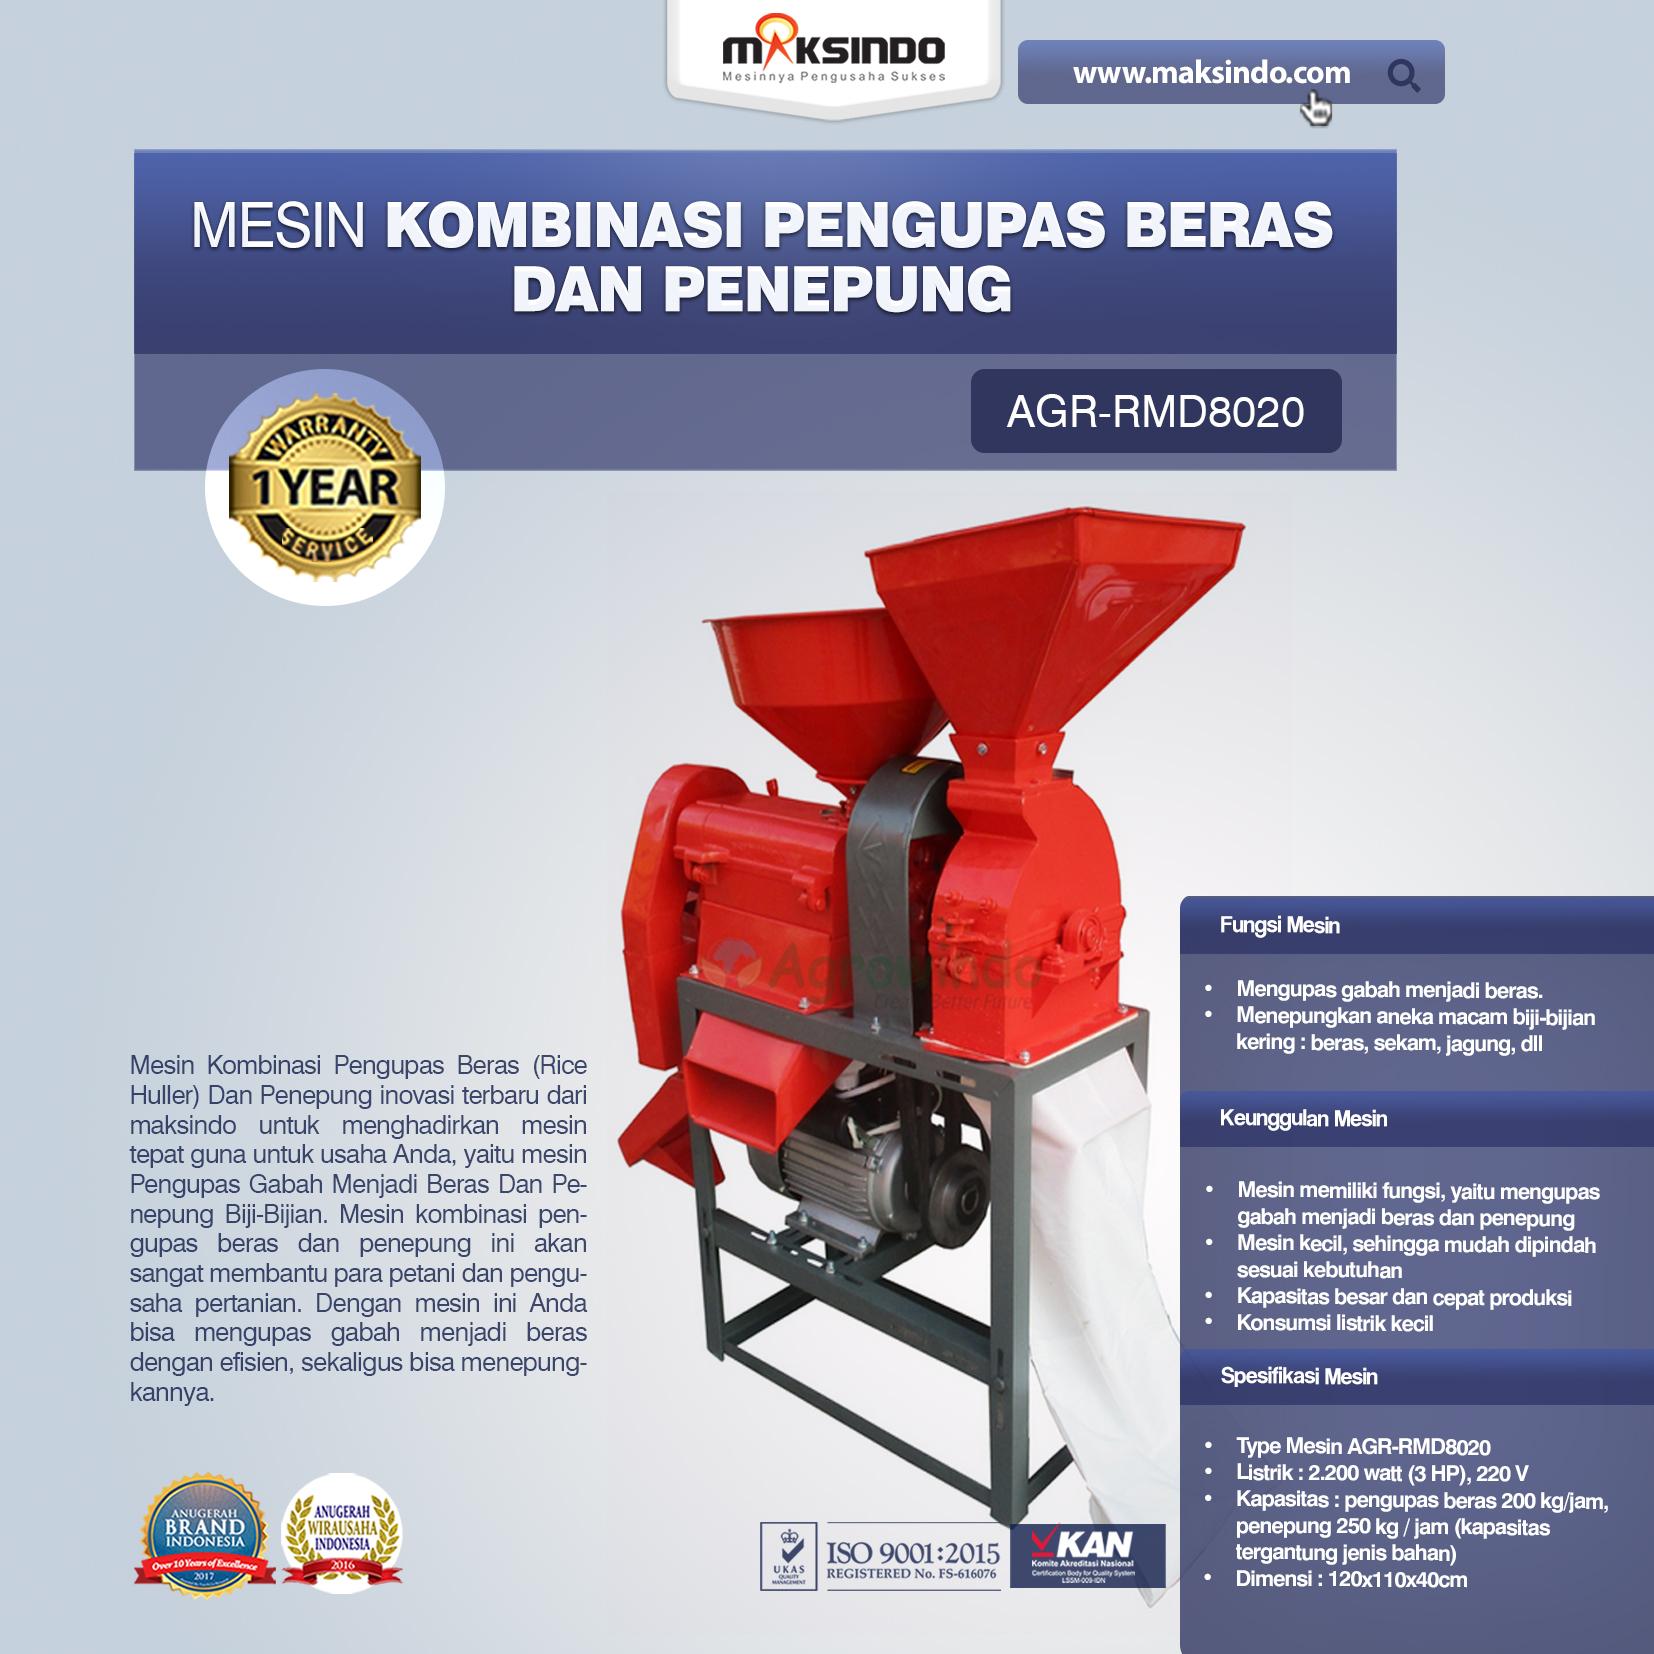 Jual Kombinasi Pengupas Beras dan Penepung AGR-RMD802 di Yogyakarta